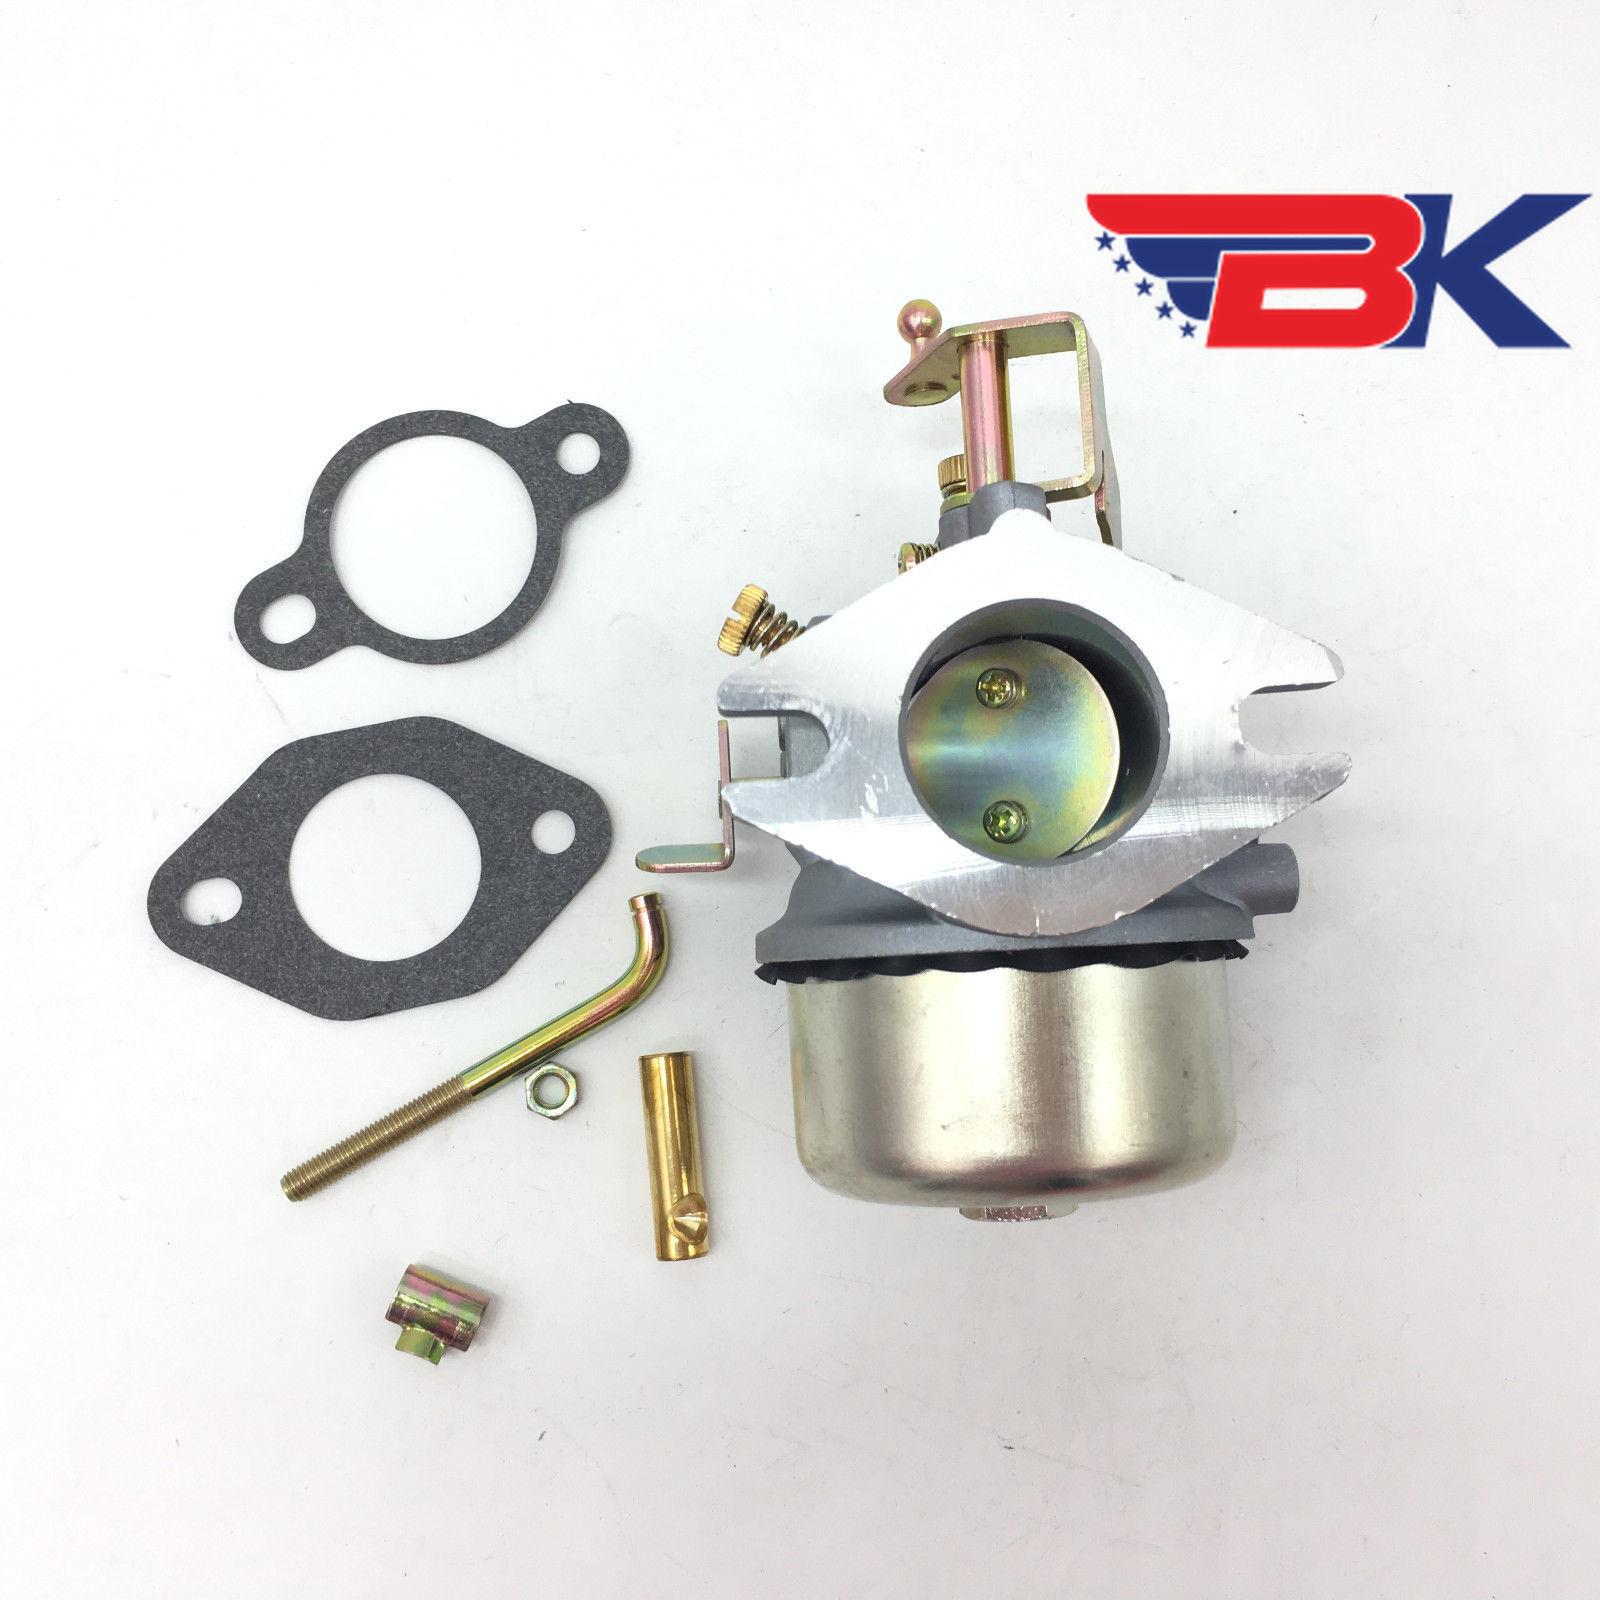 US $17 09 10% OFF|Choke Carburetor For Kohler K241 K301 K321 K341 K482 Cast  Iron 14hp 16hp Engine-in Carburetor from Automobiles & Motorcycles on